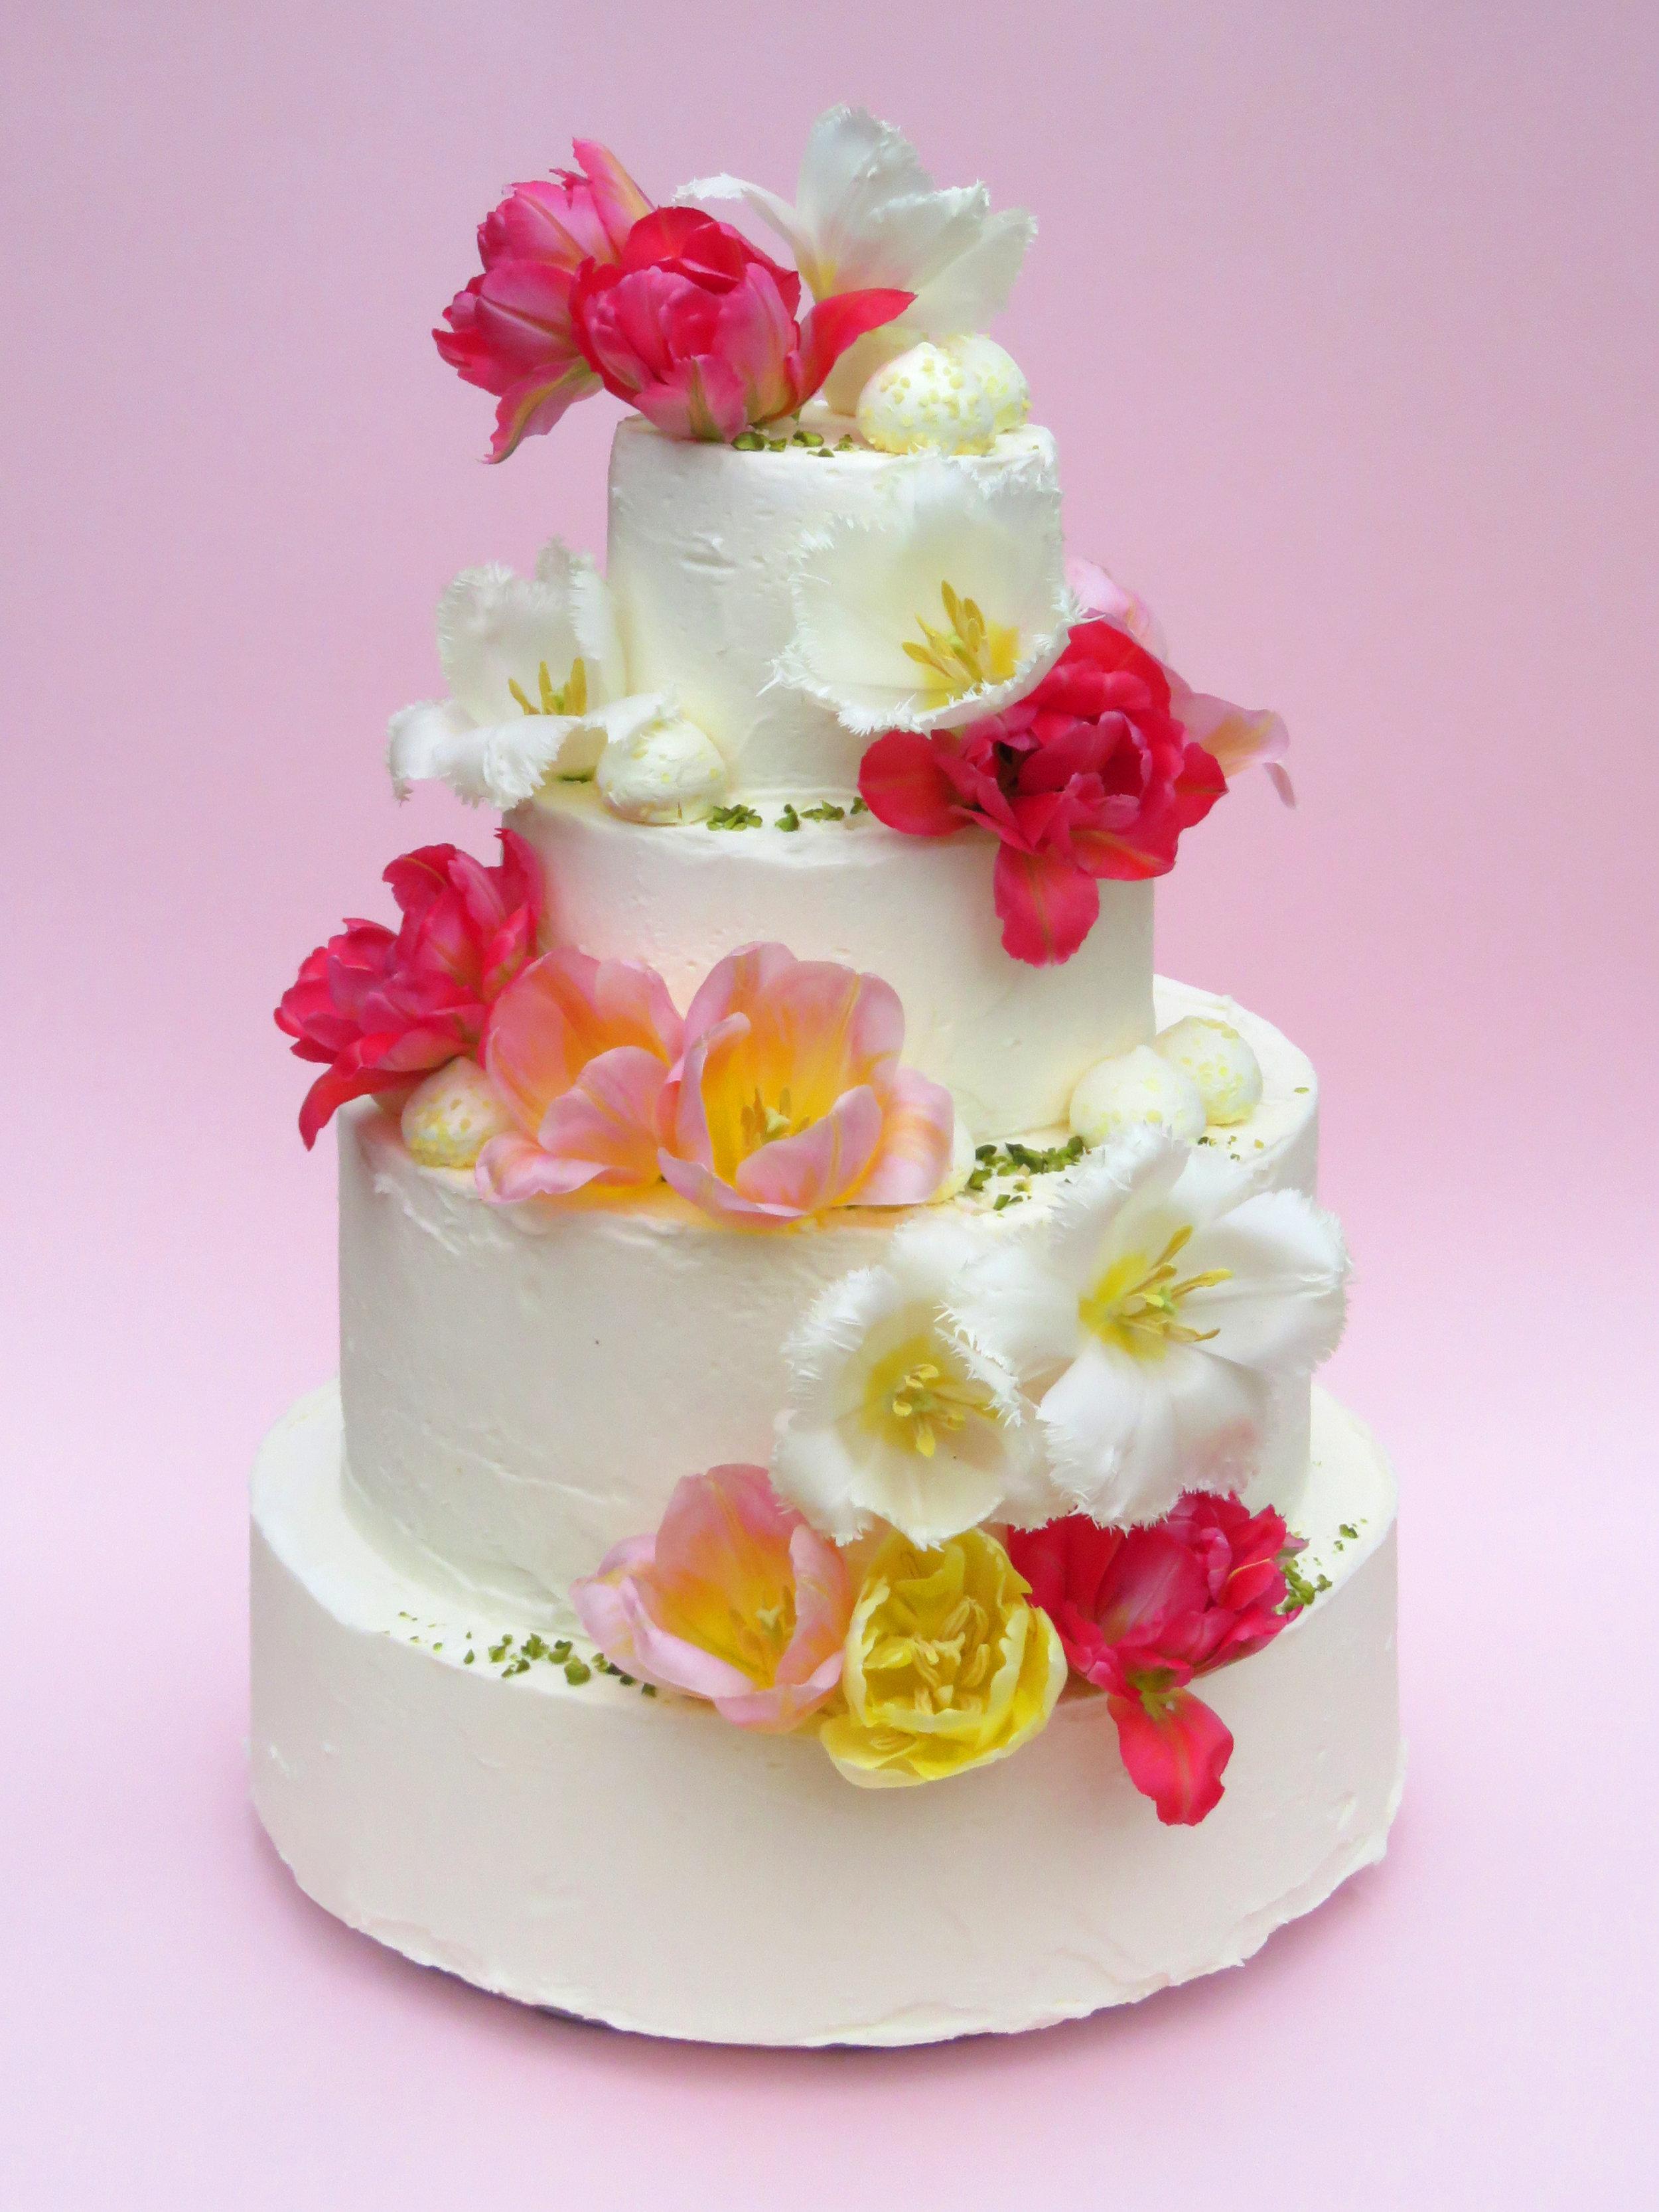 TGB_Cake_3000x4000px_72dpi10.jpg